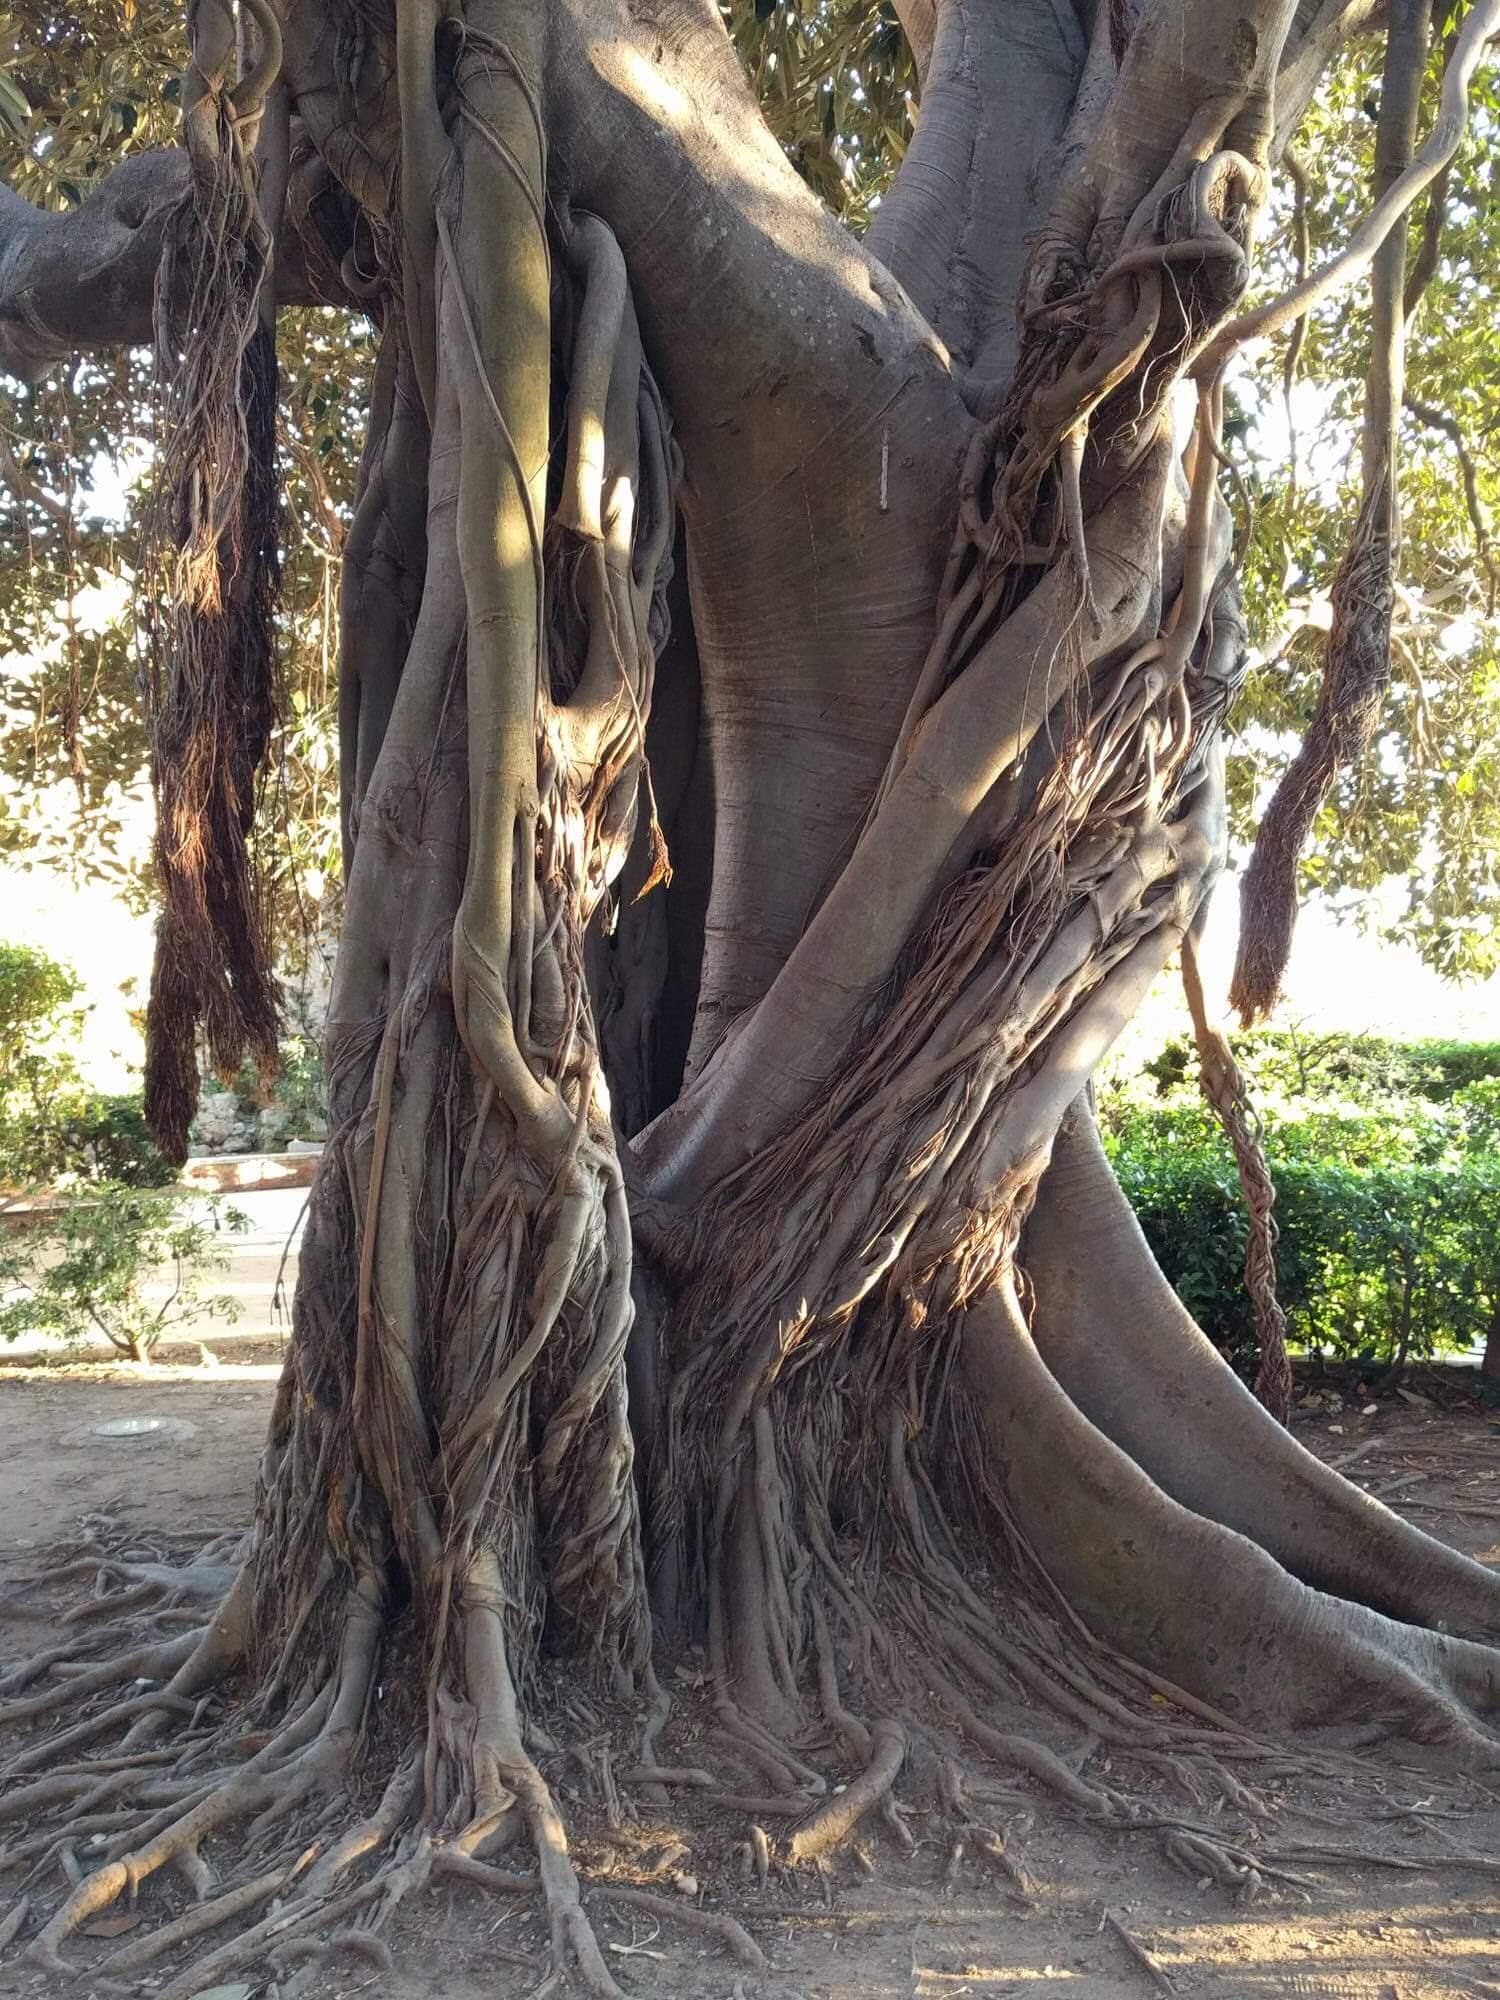 Tropiklere has banyan ağacı. Mafyanın resmini çekecek halim yok, gittim ortamdaki ağacın resmini çektim ertesi sabah.